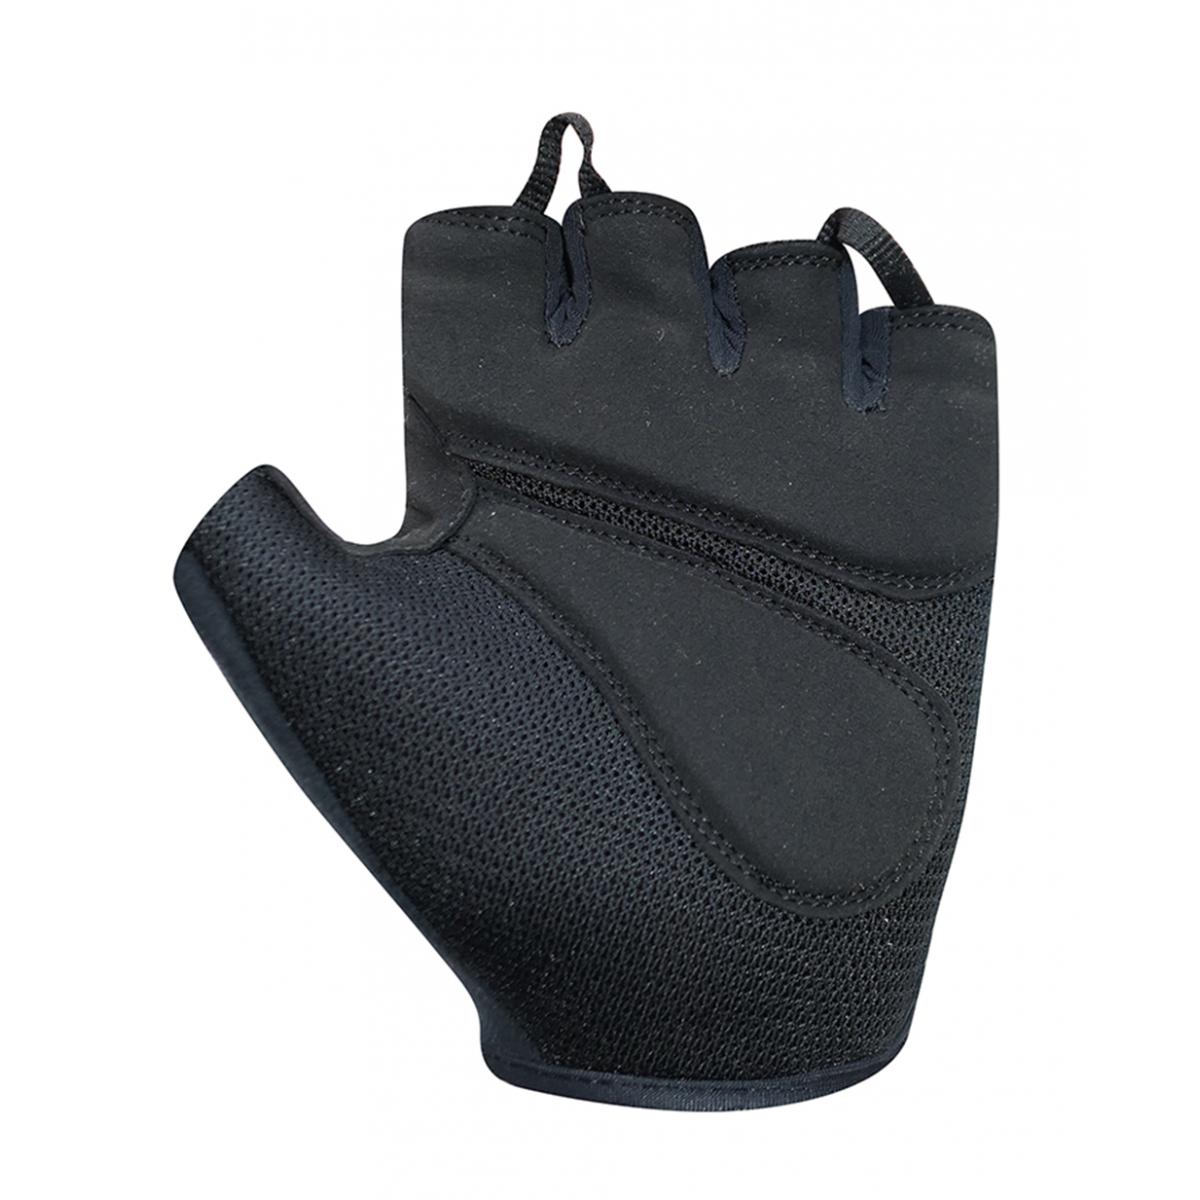 Chiba lady gel damskie rękawiczki rowerowe, czarne - Rozmiar: XS